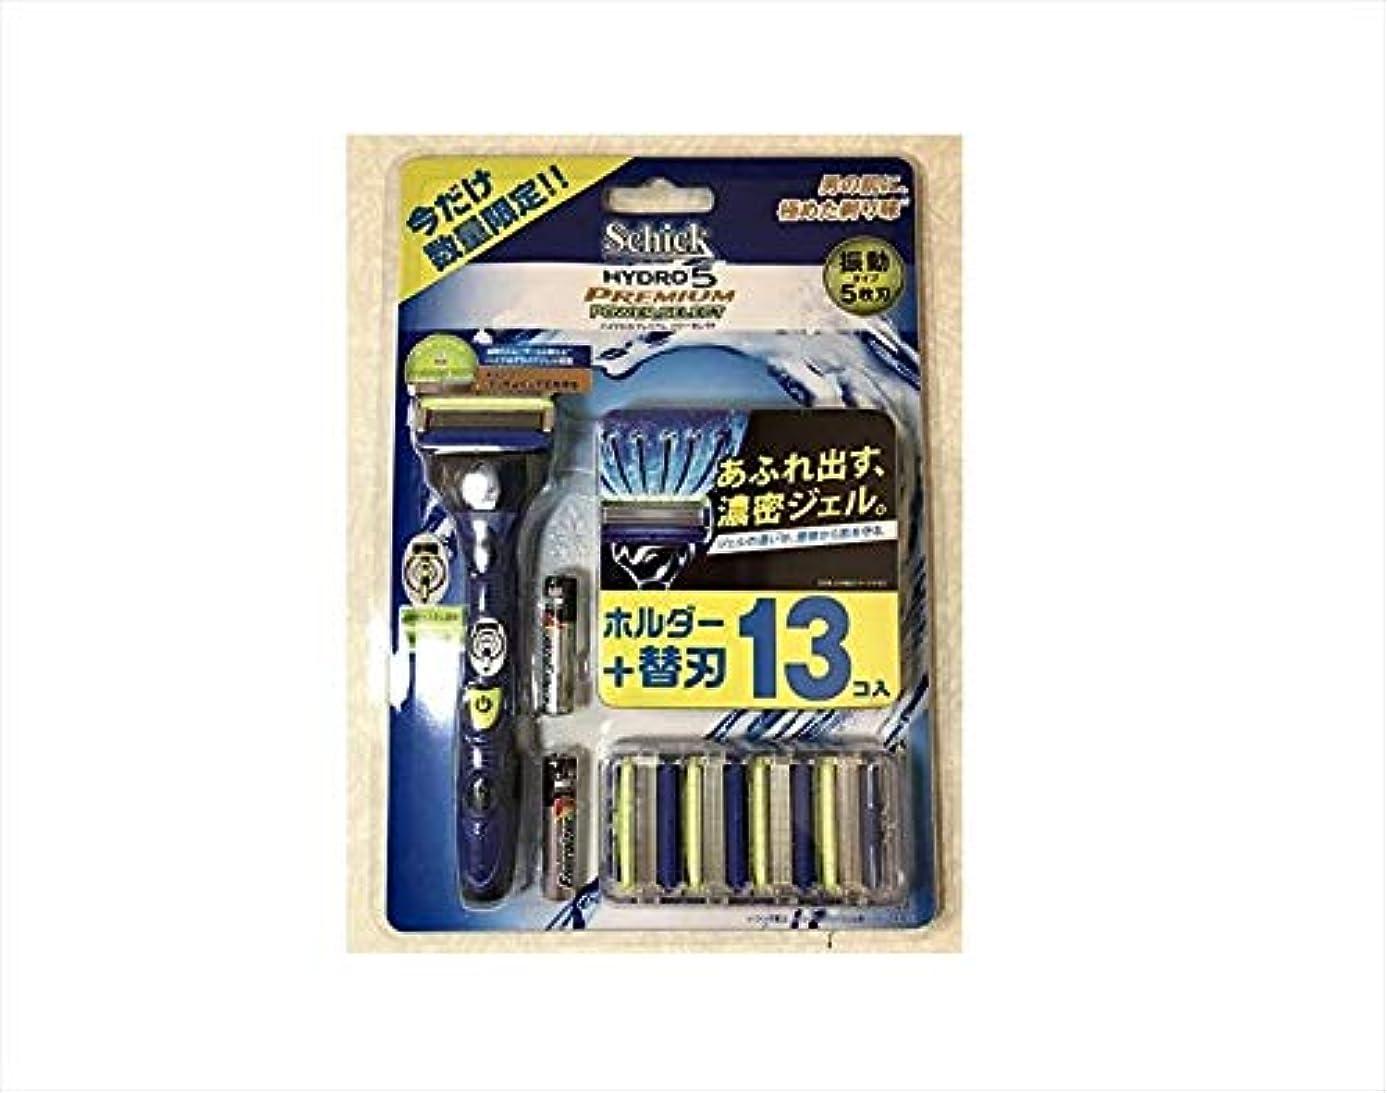 逆廊下素晴らしい良い多くのお買い得 シック ハイドロ5 パワーセレクトホルダー1本+ 替刃 (13コ入)+電池2本